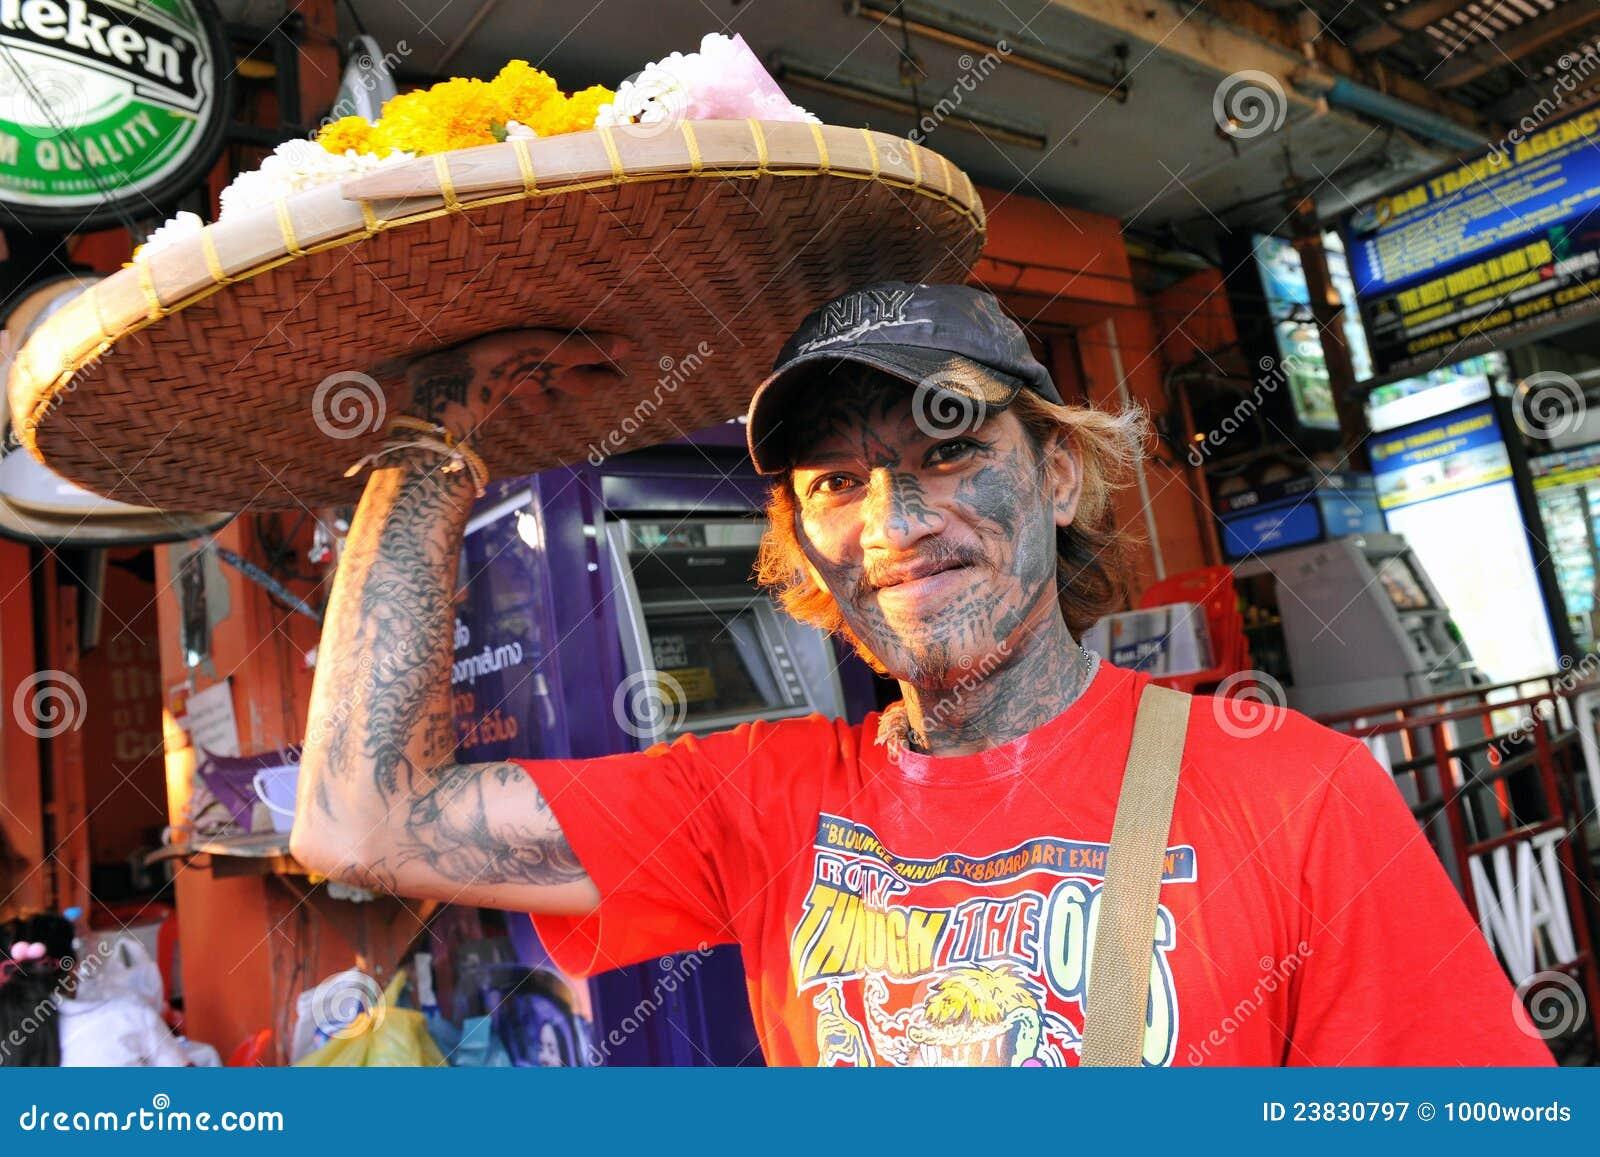 Heavily Tattooed Man Sells Flowers on Street